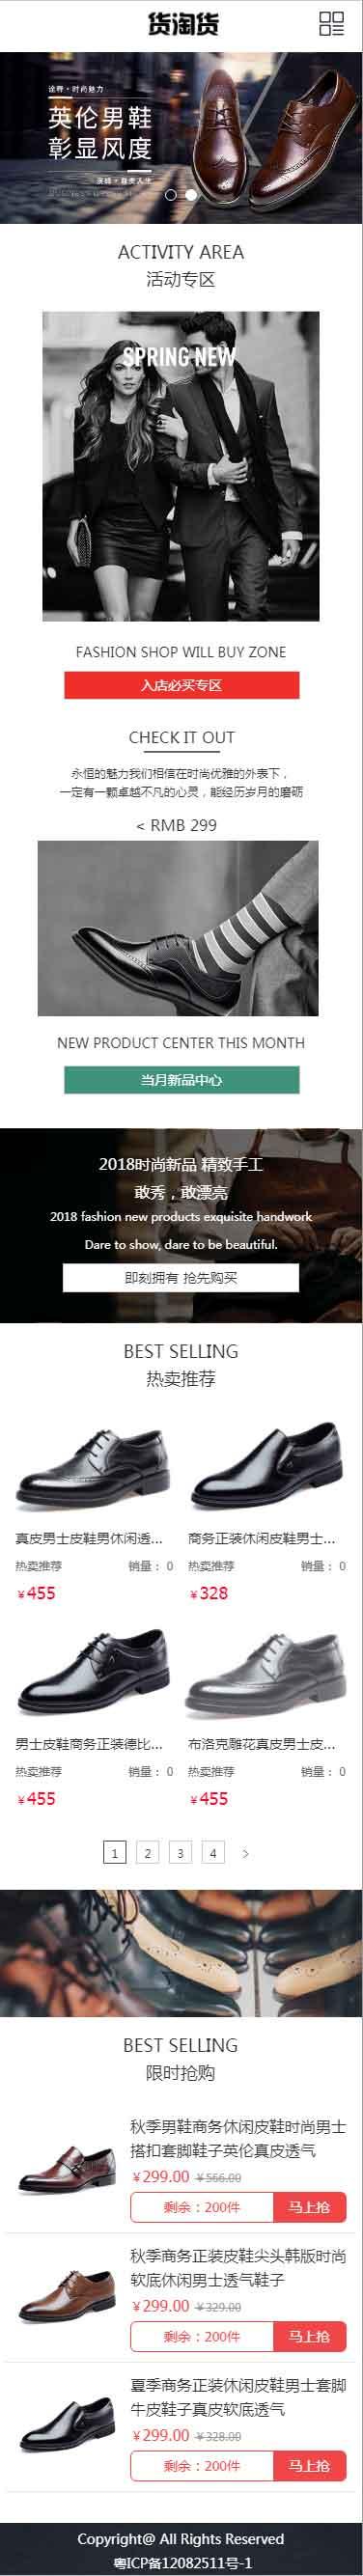 货淘货皮鞋小程序商城模板